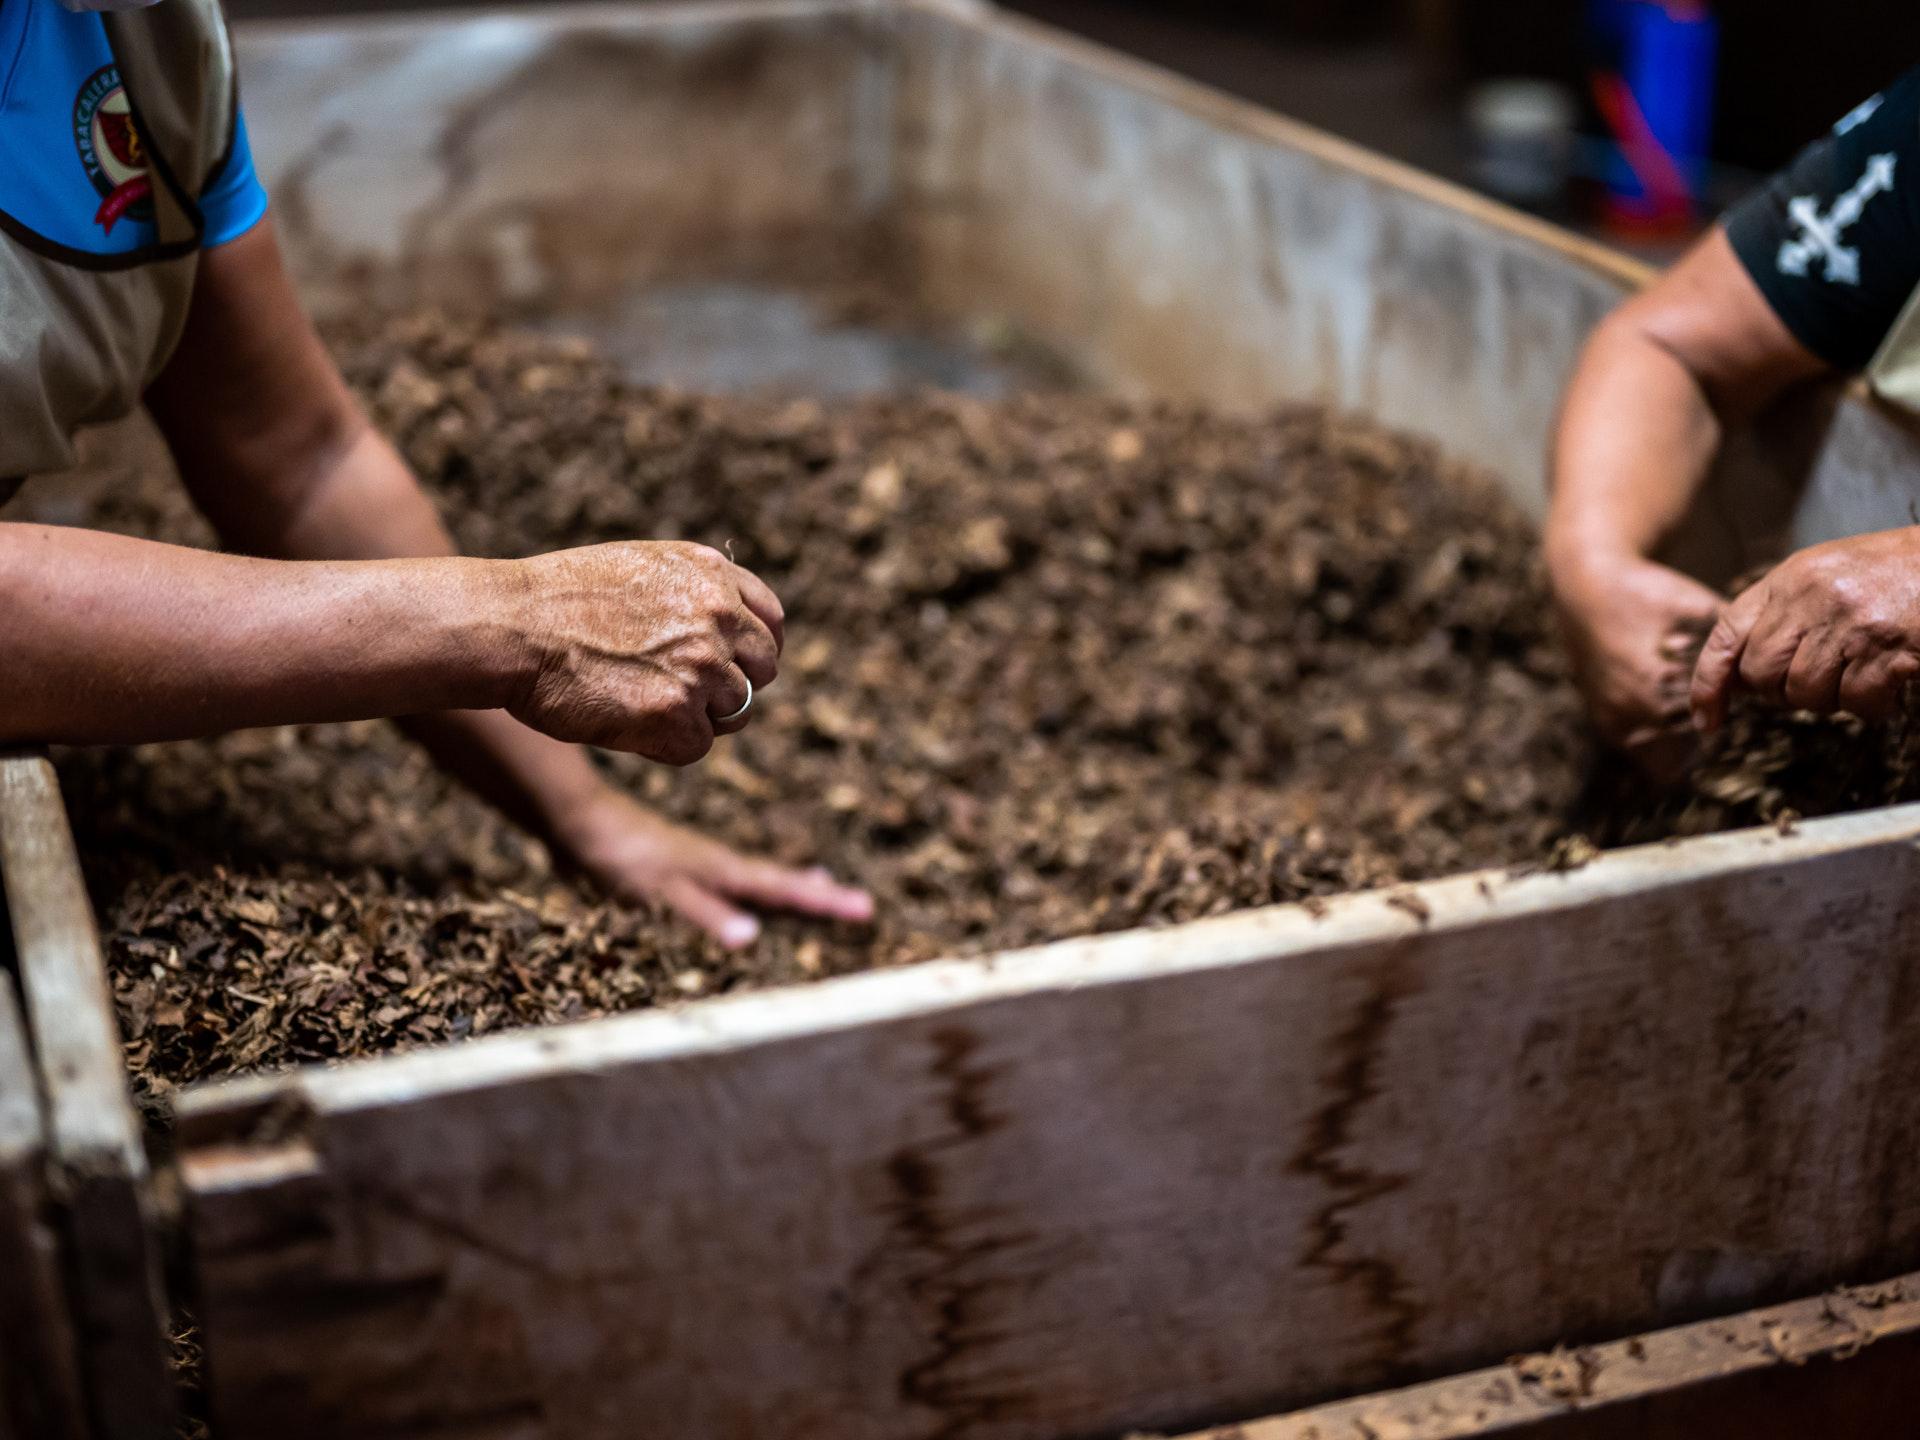 Es gibt viele Möglichkeiten, auch Baumschnitt zu verkompostieren. - Photocredit: unsplash.com/Conscious Design